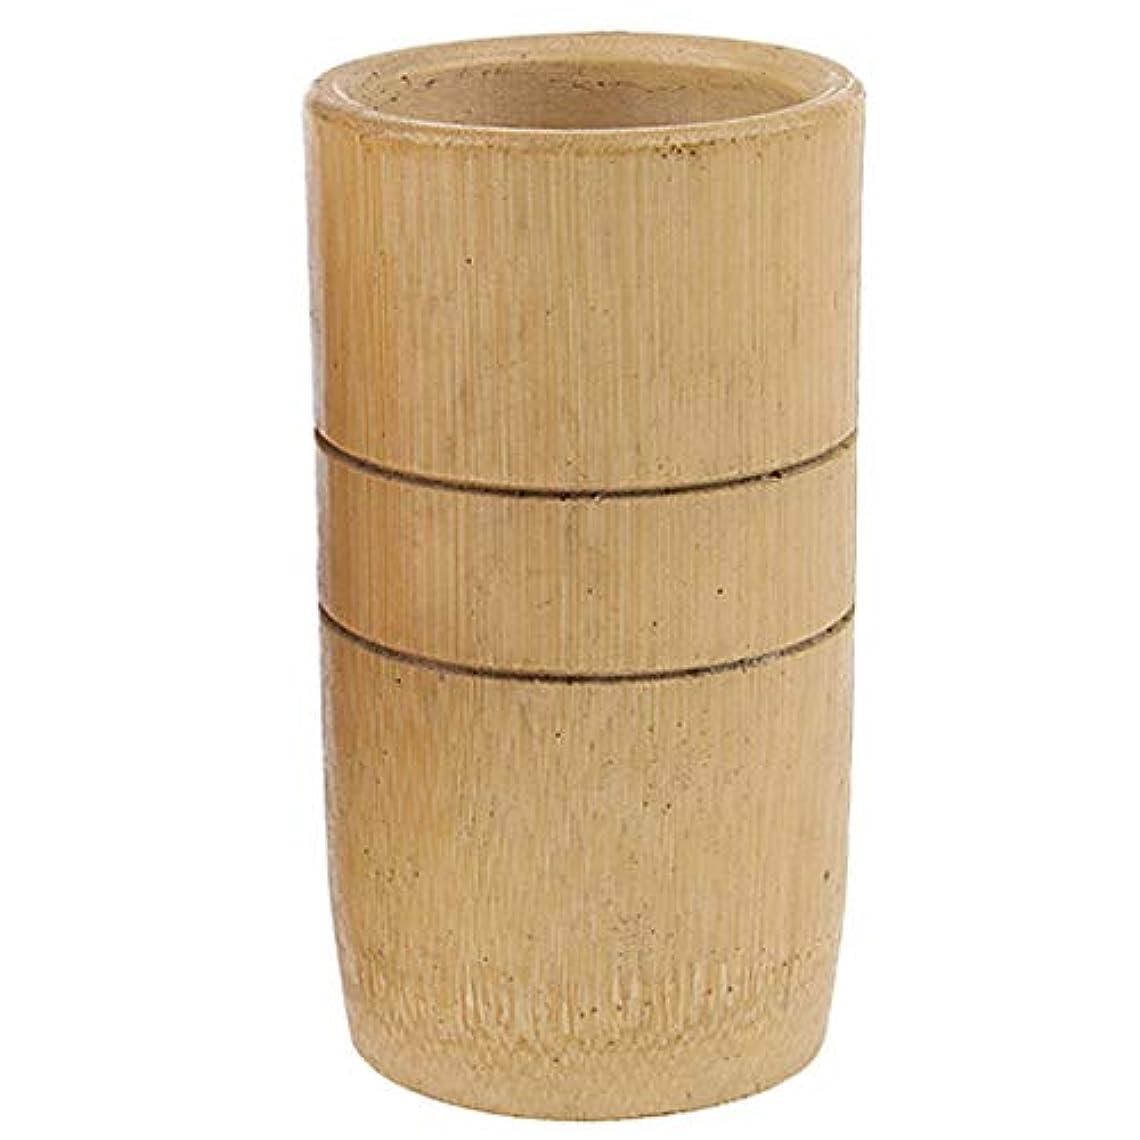 恒久的適応大砲P Prettyia マッサージ吸い玉 カッピング マッサージカップ 天然竹製 ユニセックス 2個入